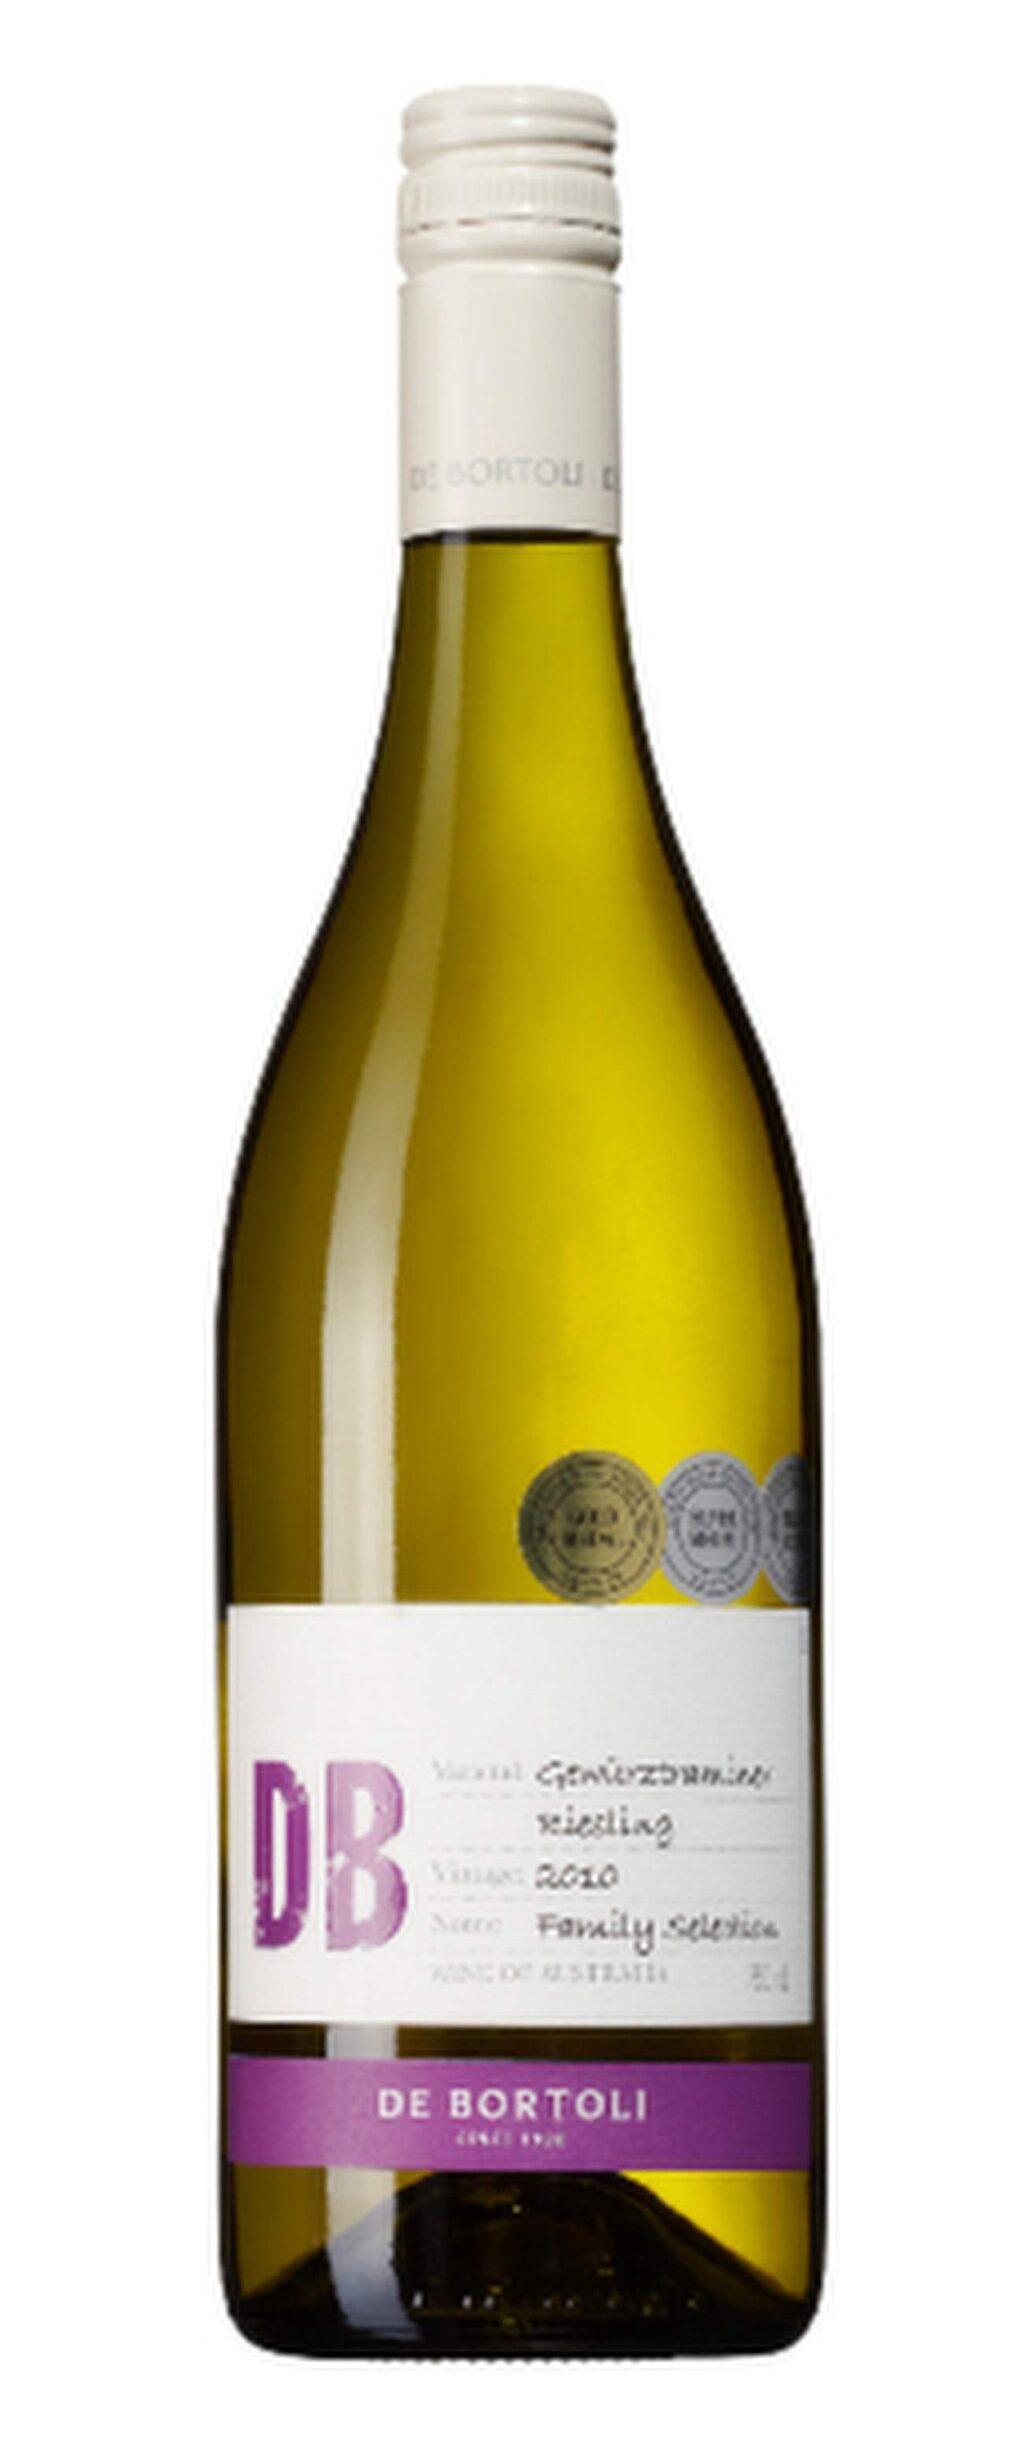 """Vitt<br><exp:icon type=""""wasp""""></exp:icon><exp:icon type=""""wasp""""></exp:icon><exp:icon type=""""wasp""""></exp:icon><br><strong>De Bortoli Gewürztraminer Riesling 2013 (6403) South Eastern Australia, 71 kr</strong><br>Halvtorrt vin med blommiga, kryddiga drag och inslag av citrus. Gott till nudelwok med vitlöksfrästa räkor."""